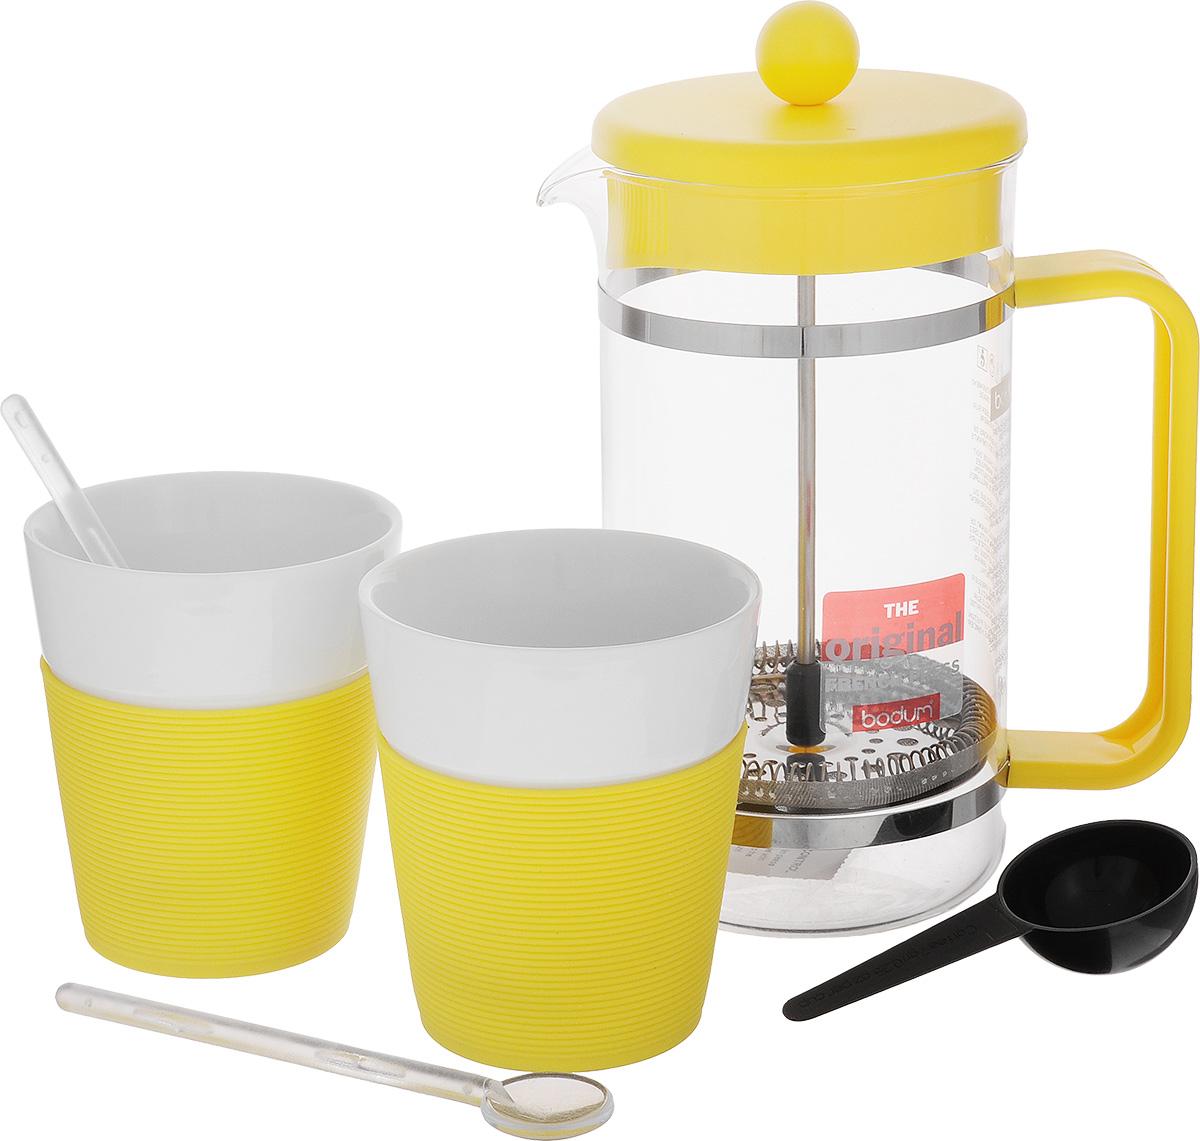 Набор кофейный Bodum Bistro, цвет: желтый, белый, 5 предметов115510Кофейный набор Bodum Bistro состоит из чайника френч-пресса, 2 стаканов и 2 ложек. Френч-пресс выполнен из высококачественного жаропрочного стекла, нержавеющей стали и пластика. Френч-пресс - это заварочный чайник, который поможет быстро приготовить вкусный и ароматный чай или кофе. Металлический нержавеющий фильтр задерживает чайные листочки и частички зерен кофе. Засыпая чайную заварку или кофе под фильтр, заливая горячей водой, вы получаете ароматный напиток с оптимальной крепостью и насыщенностью. Остановить процесс заваривания легко, для этого нужно просто опустить поршень, и все уйдет вниз, оставляя сверху напиток, готовый к употреблению. Для френч-пресса предусмотрена специальная пластиковая ложечка. Элегантные стаканы выполнены из высококачественного фарфора и оснащены резиновой вставкой, защищающей ваши руки от высоких температур. В комплекте - 2 мерные ложечки, выполненные из пластика. Яркий и стильный набор украсит стол к чаепитию и станет чудесным подарком к любому случаю. Изделия можно мыть в посудомоечной машине.Объем френч-пресса: 1 л. Диаметр френч-пресса (по верхнему краю): 10 см. Высота френч-пресса: 22 см. Объем стакана: 300 мл. Диаметр стакана по верхнему краю: 8 см. Высота стакана: 10 см. Длина мерной ложки: 14 см.